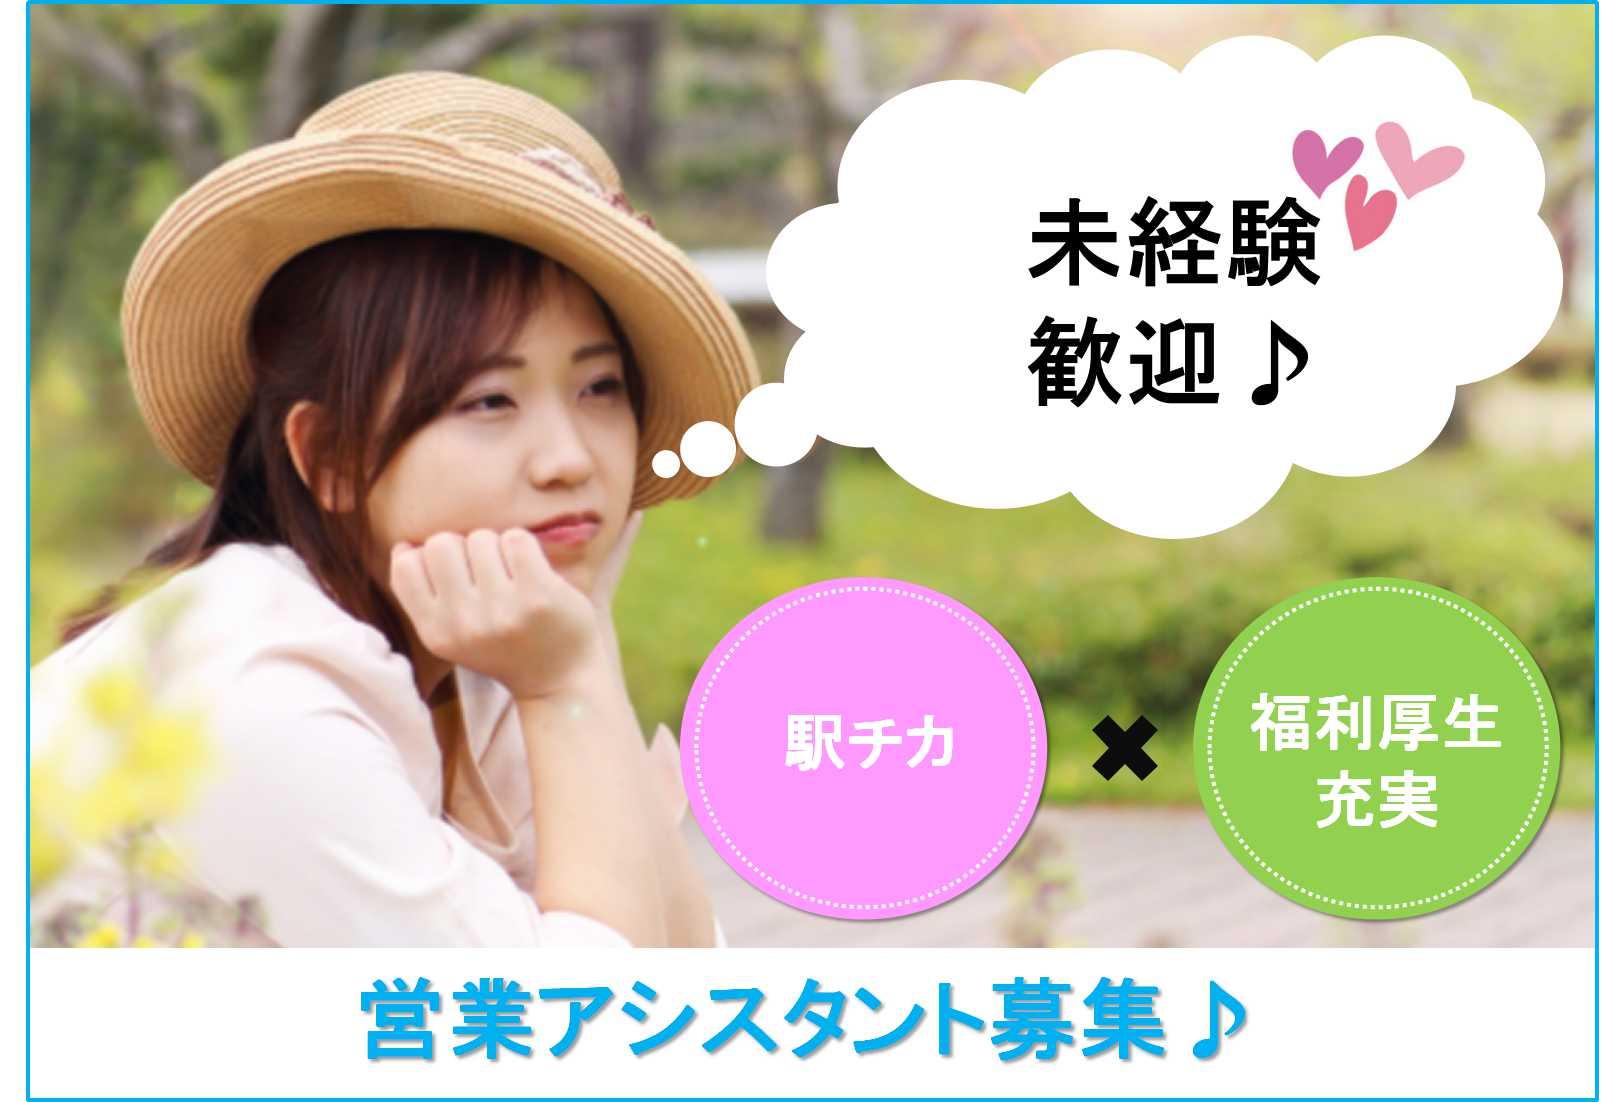 未経験歓迎♪月給22万円以上!営業アシスタント【即面談可能】 イメージ